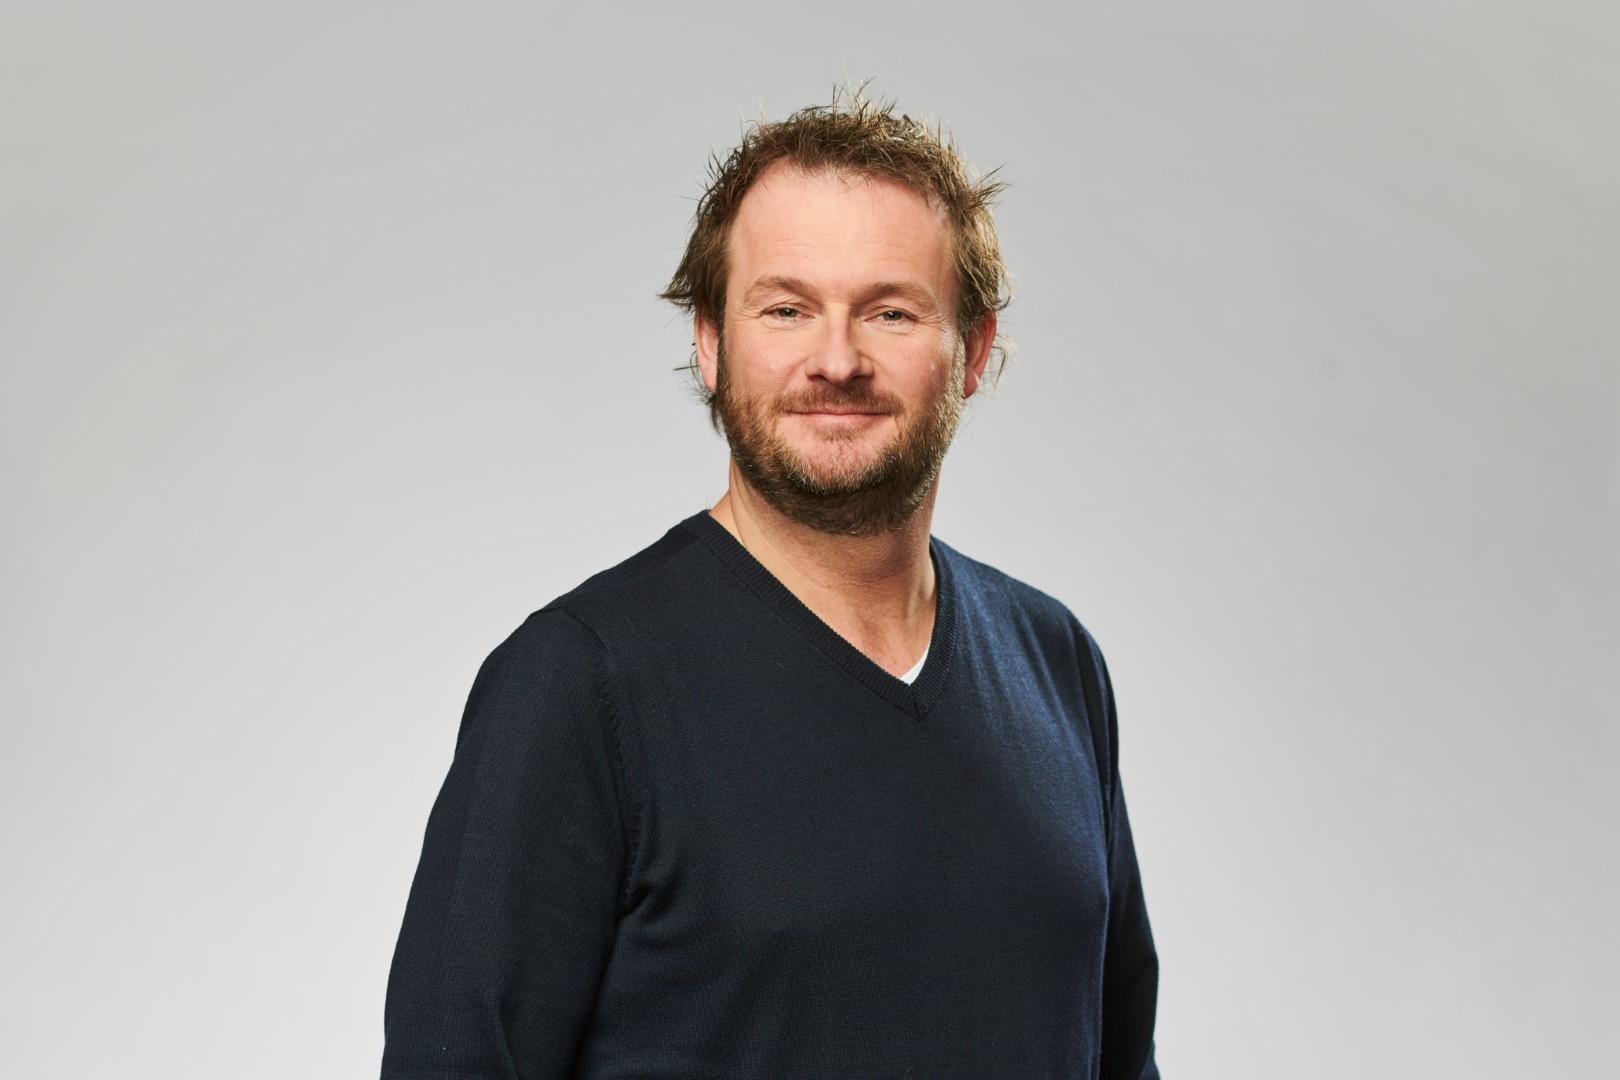 Karel Oosterhuis